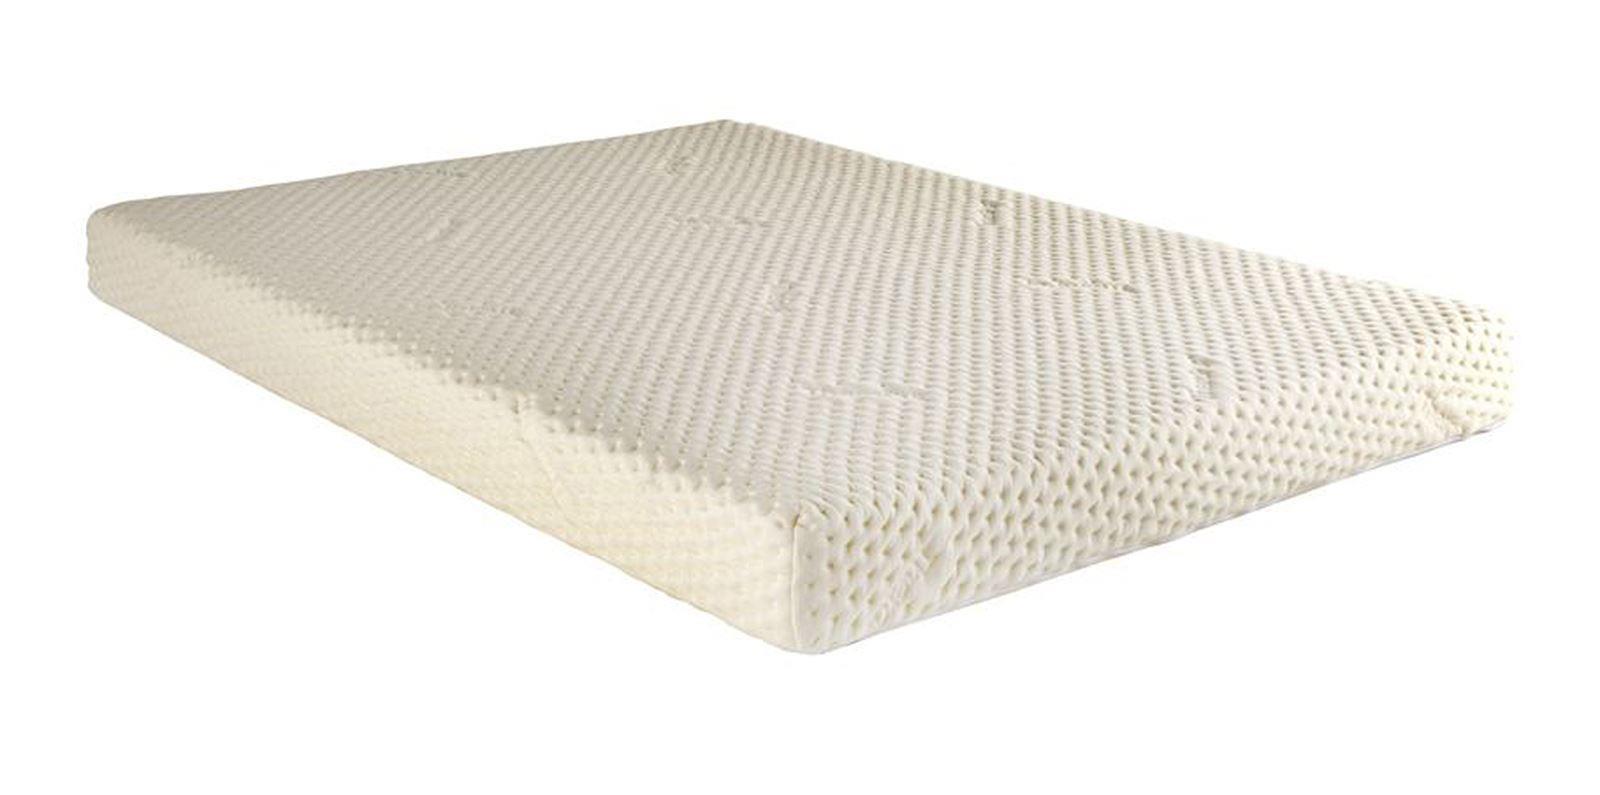 Memory Foam Mattress 5ft King Size [6 inch]